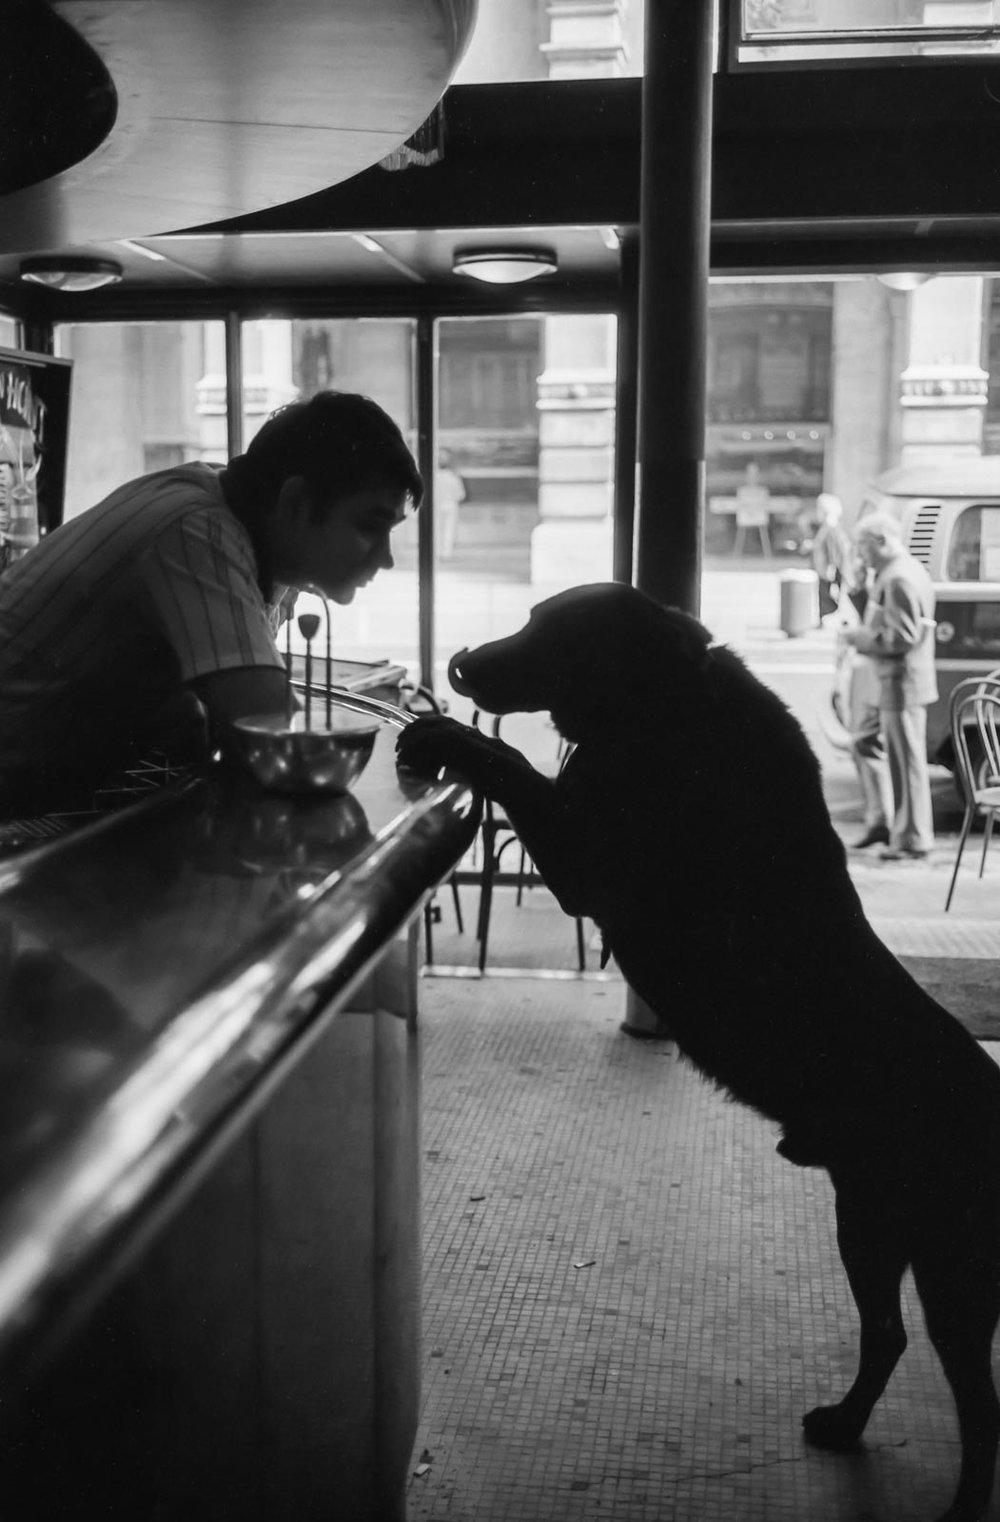 Le chien du café, Paris 2001